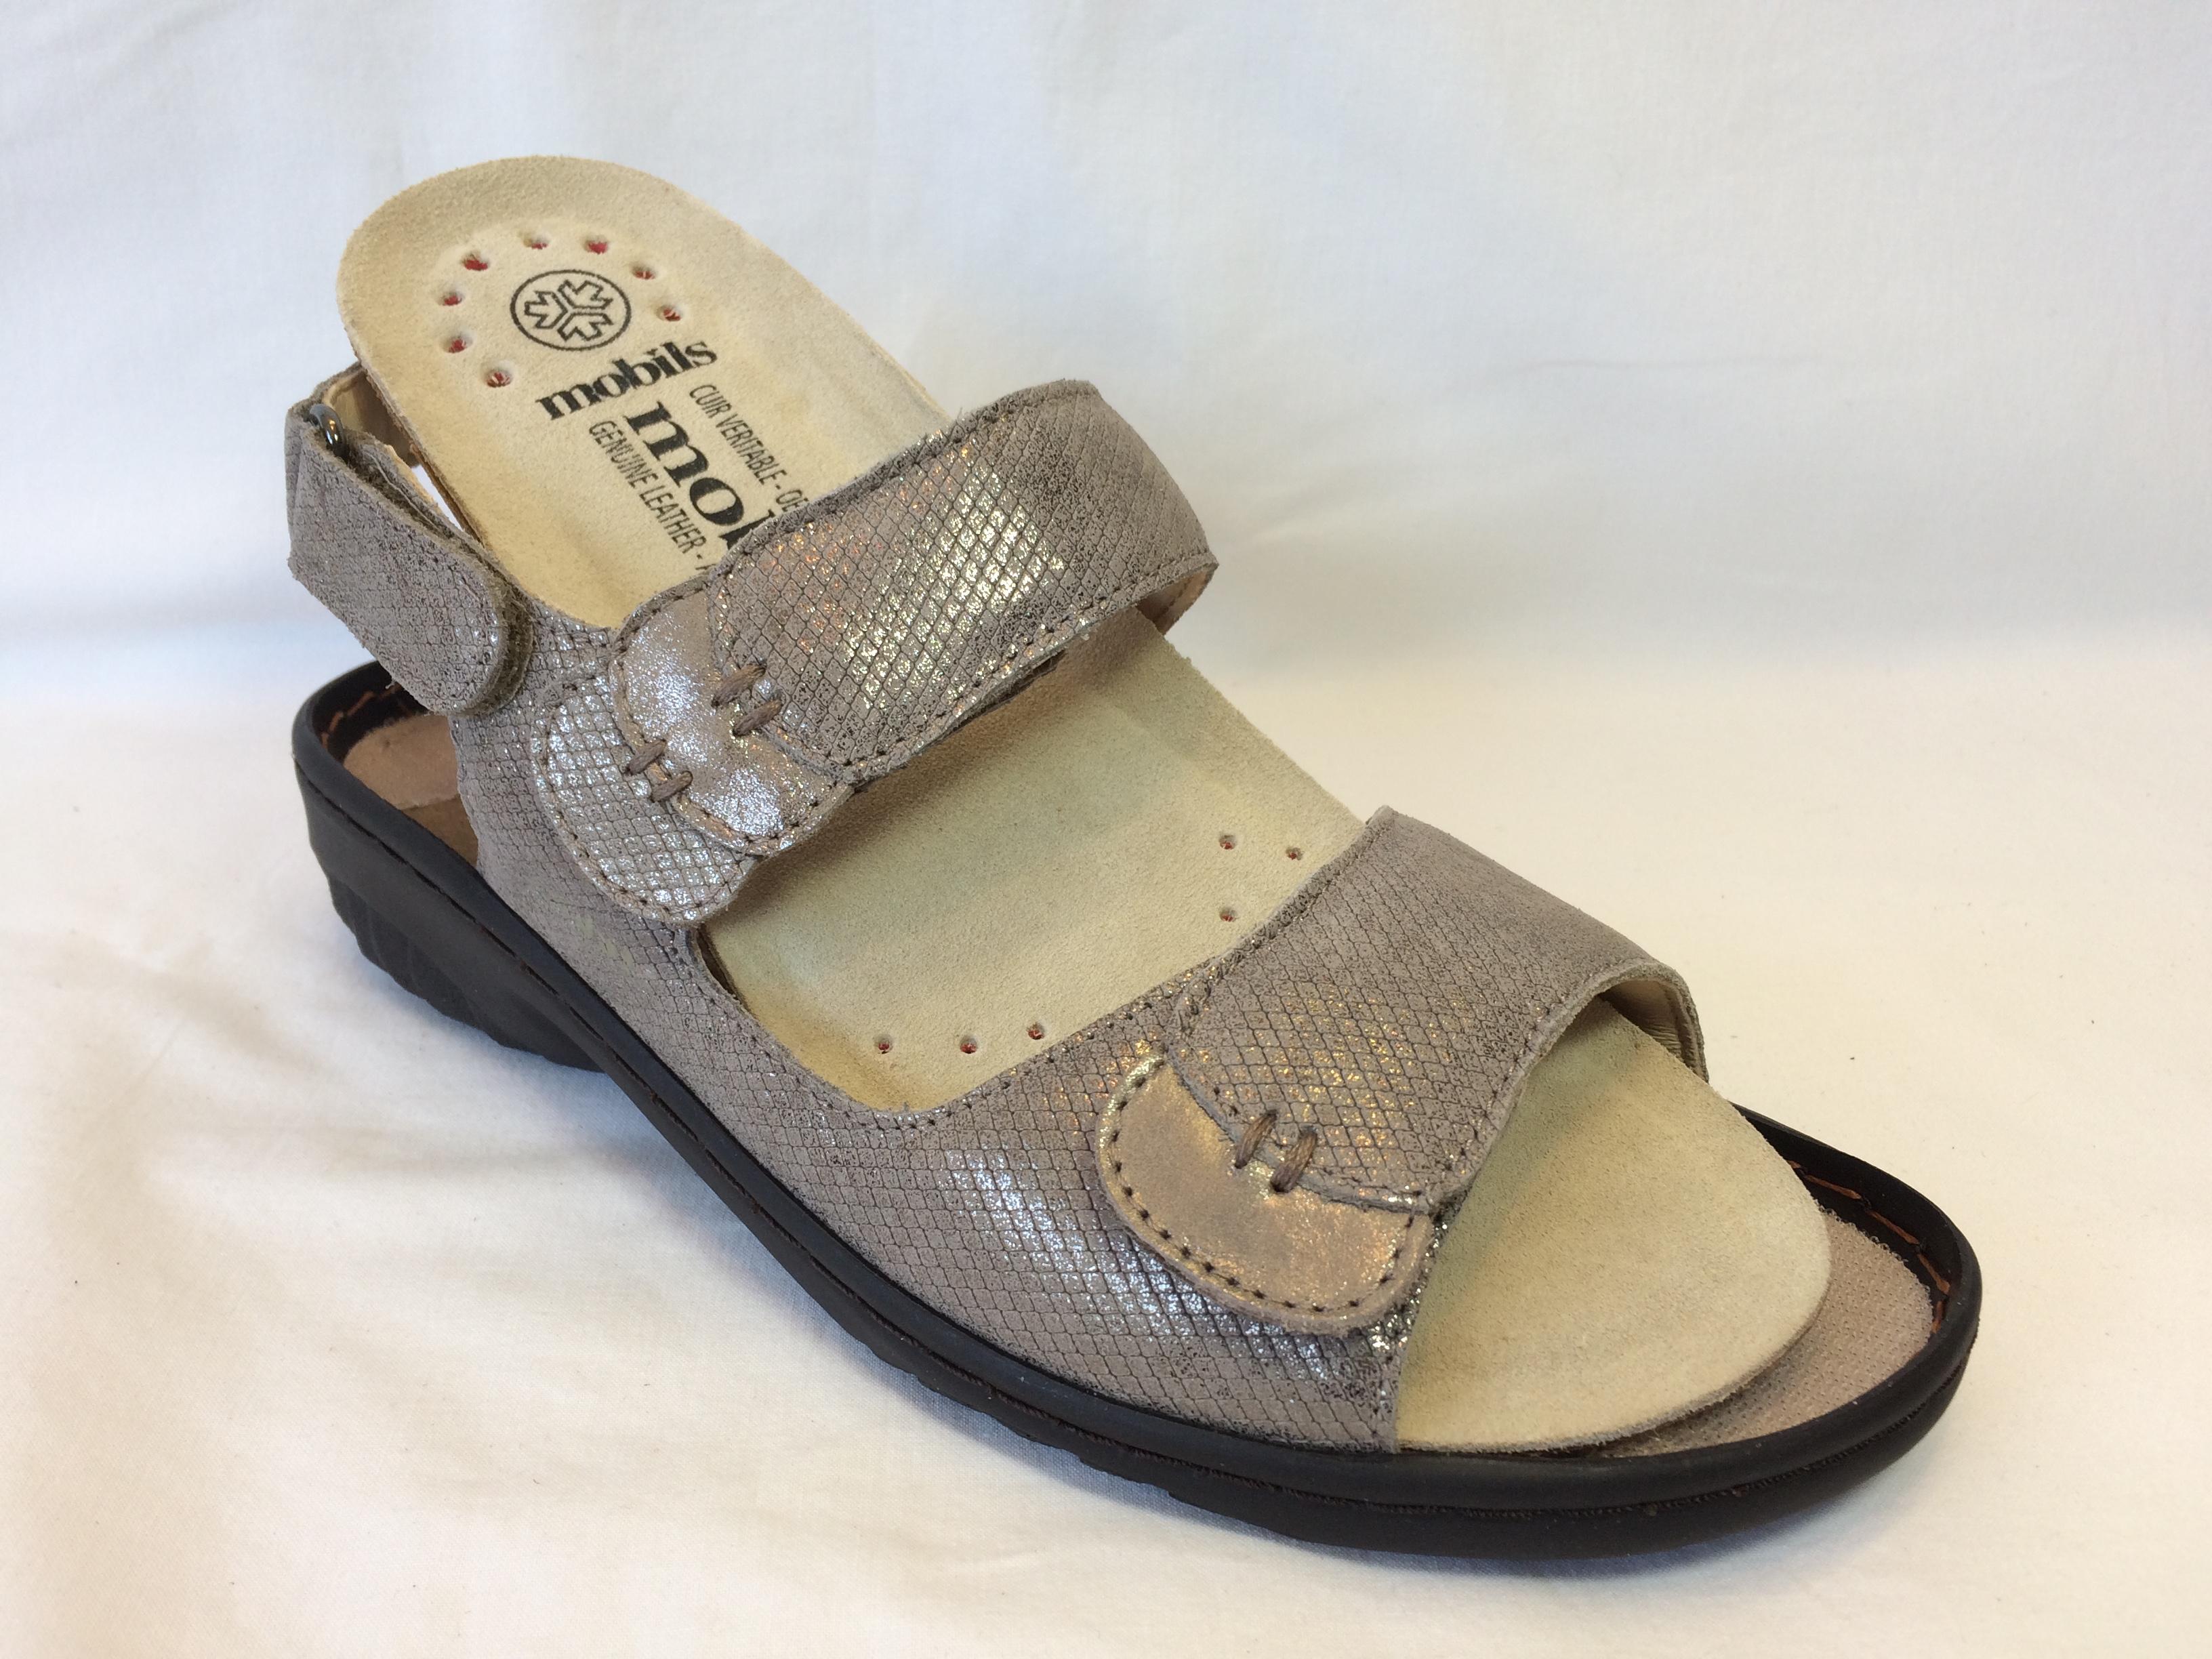 Magasin de chaussures orthopédiques à Jodoigne - Méphisto